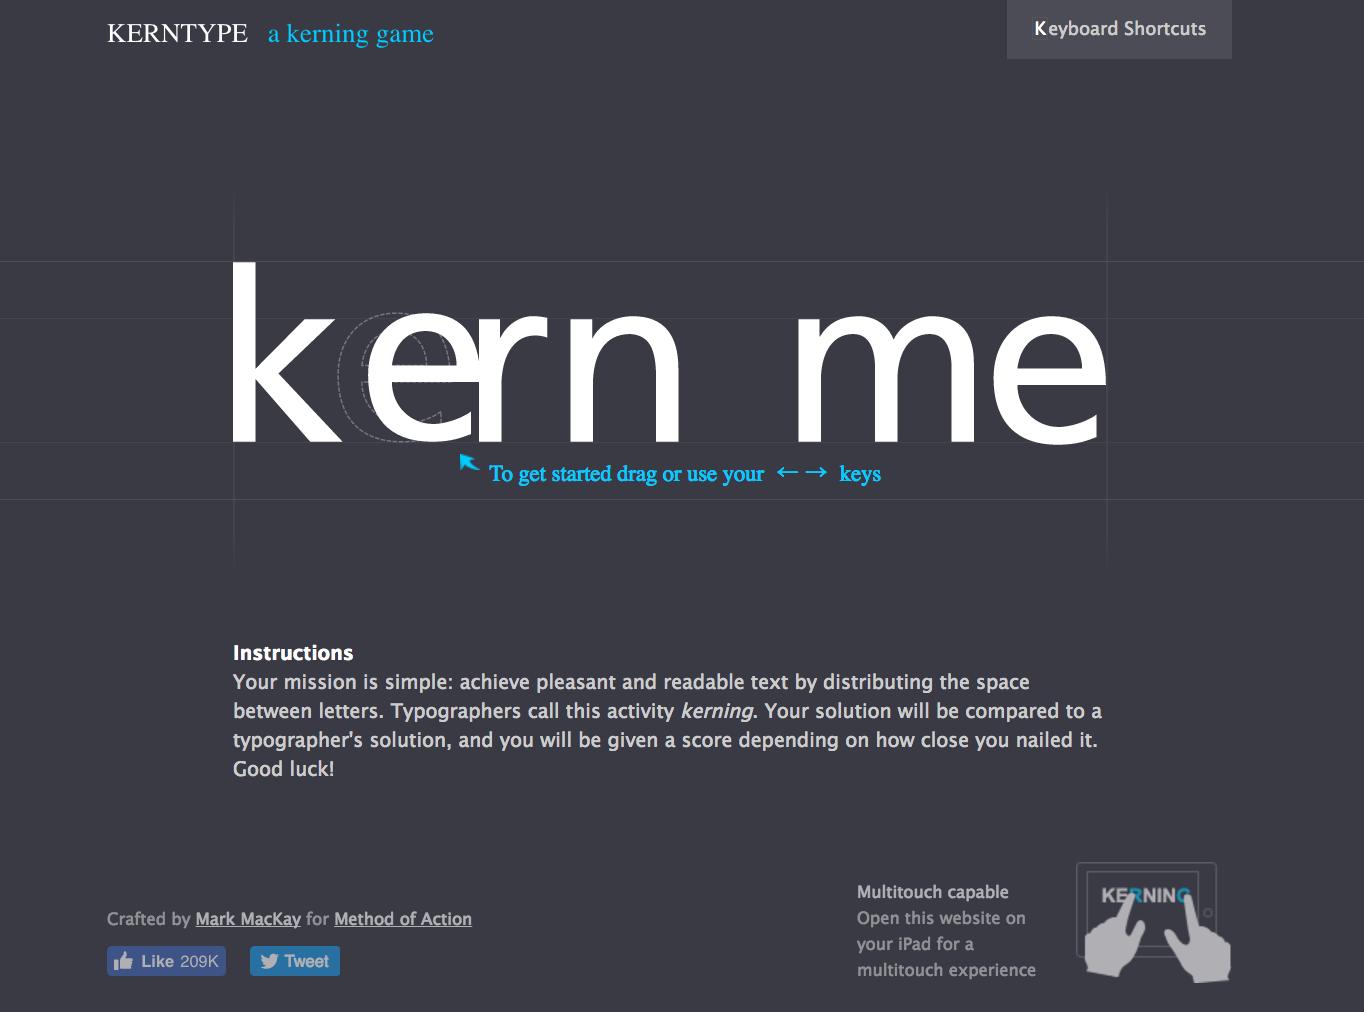 KERNTYPE01字詰め練習サイト